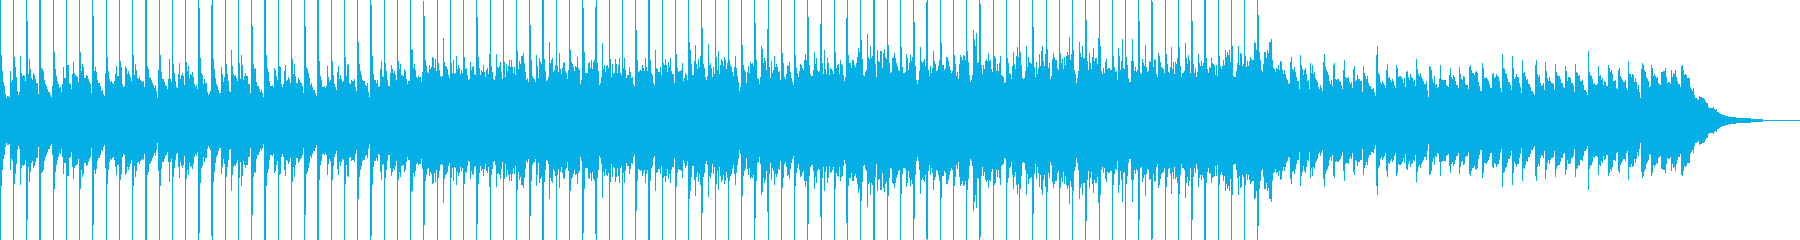 企業VP系65、シンプル、シンセ、爽快bの再生済みの波形